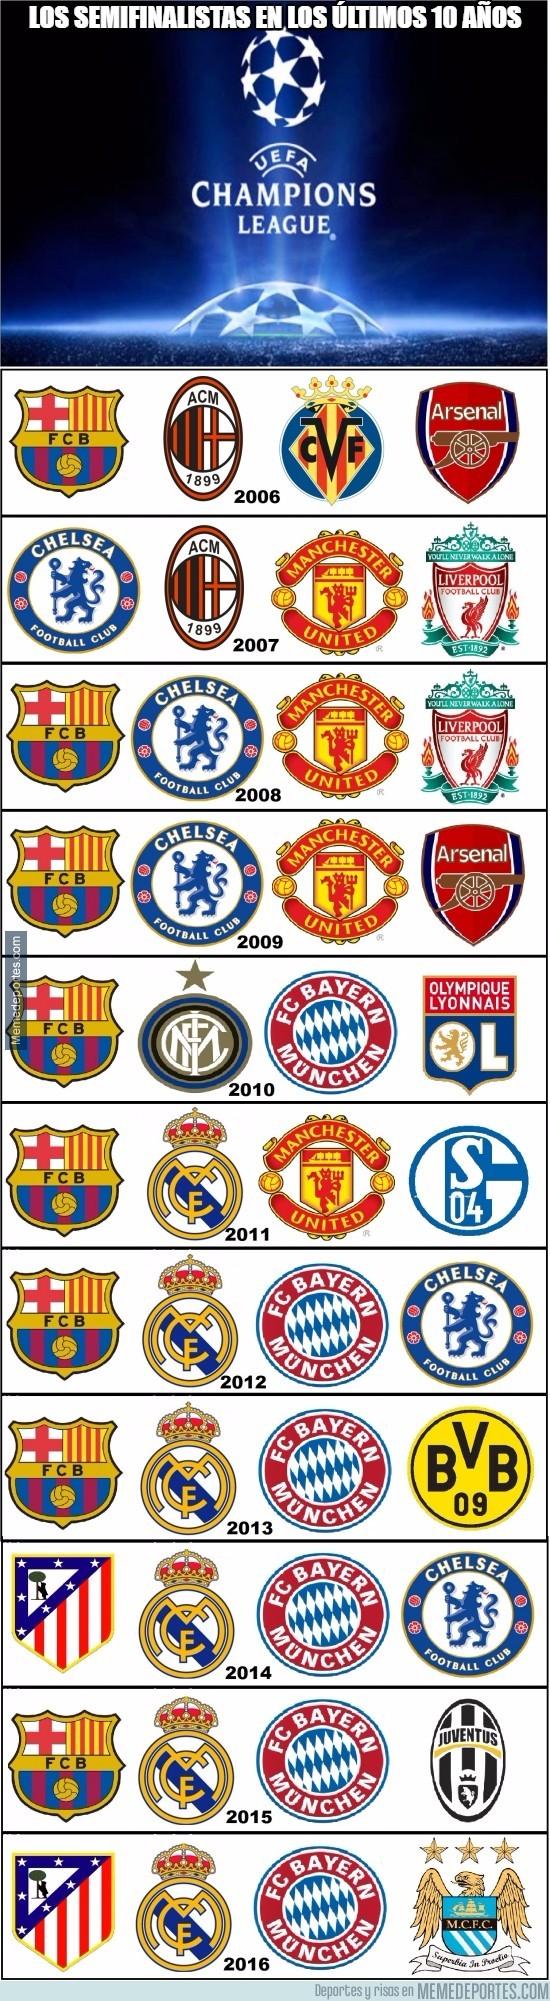 838164 - Los semifinalistas en los últimos 10 años